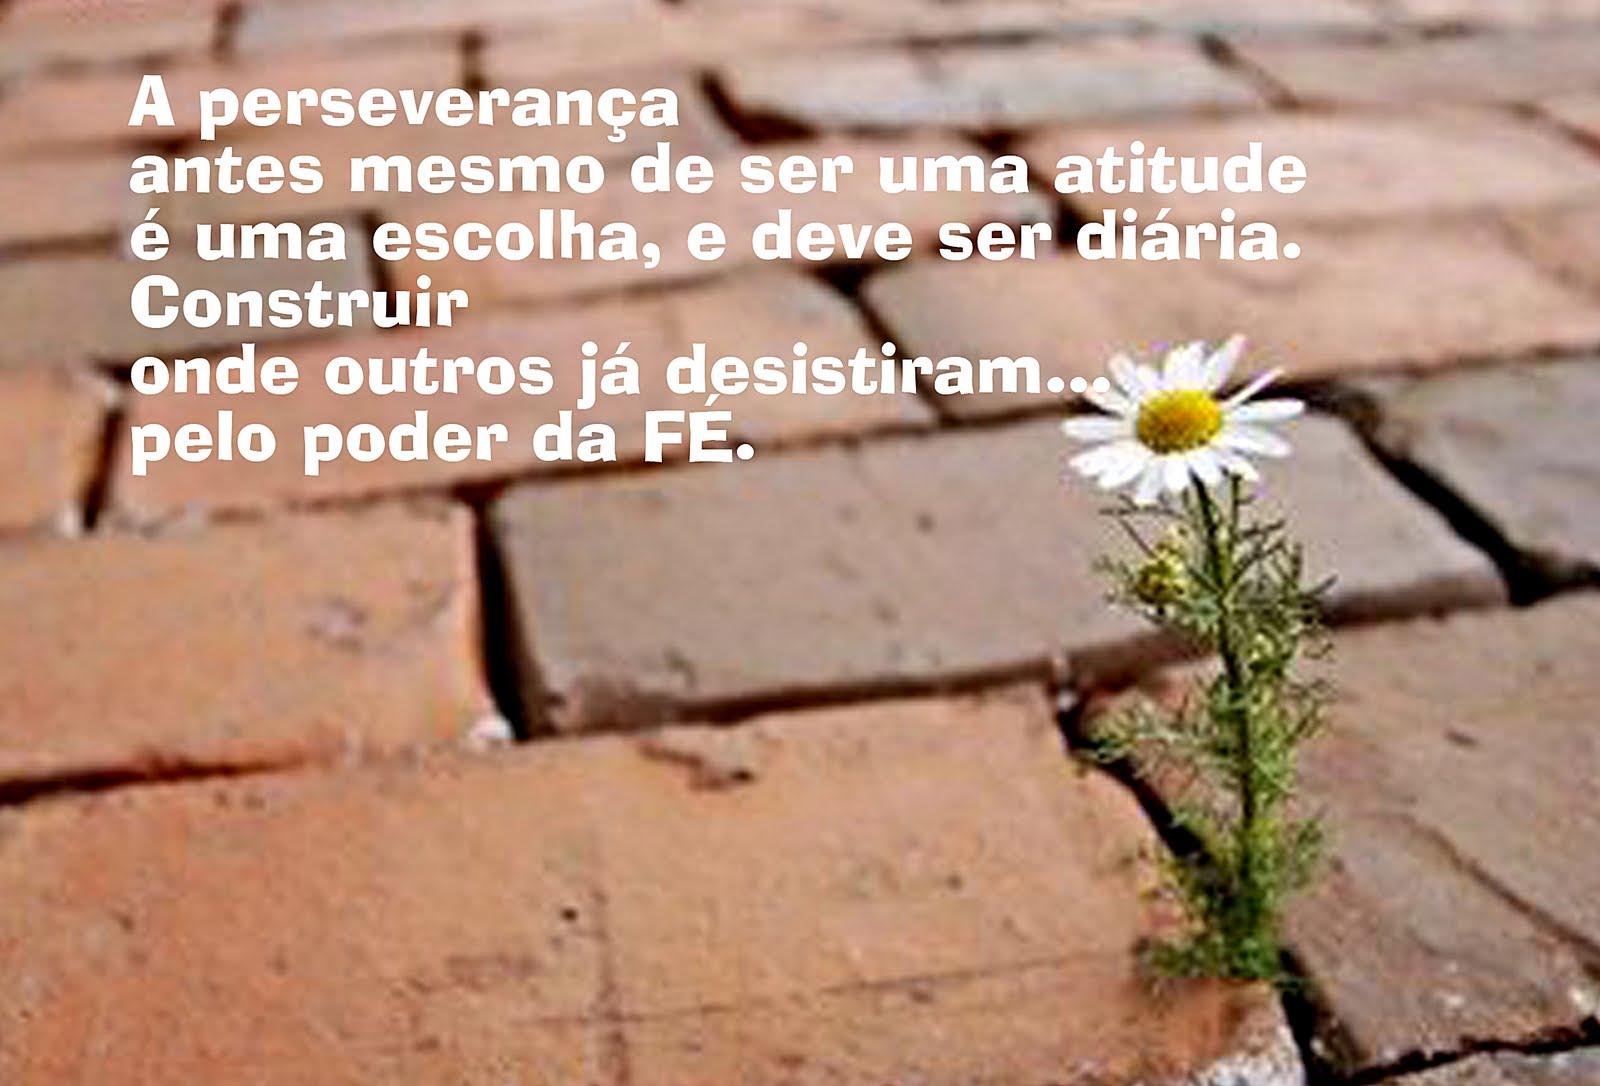 Persevere Em Oração Que Deus Irá Cumprir: Palavra Eficaz : Persevere